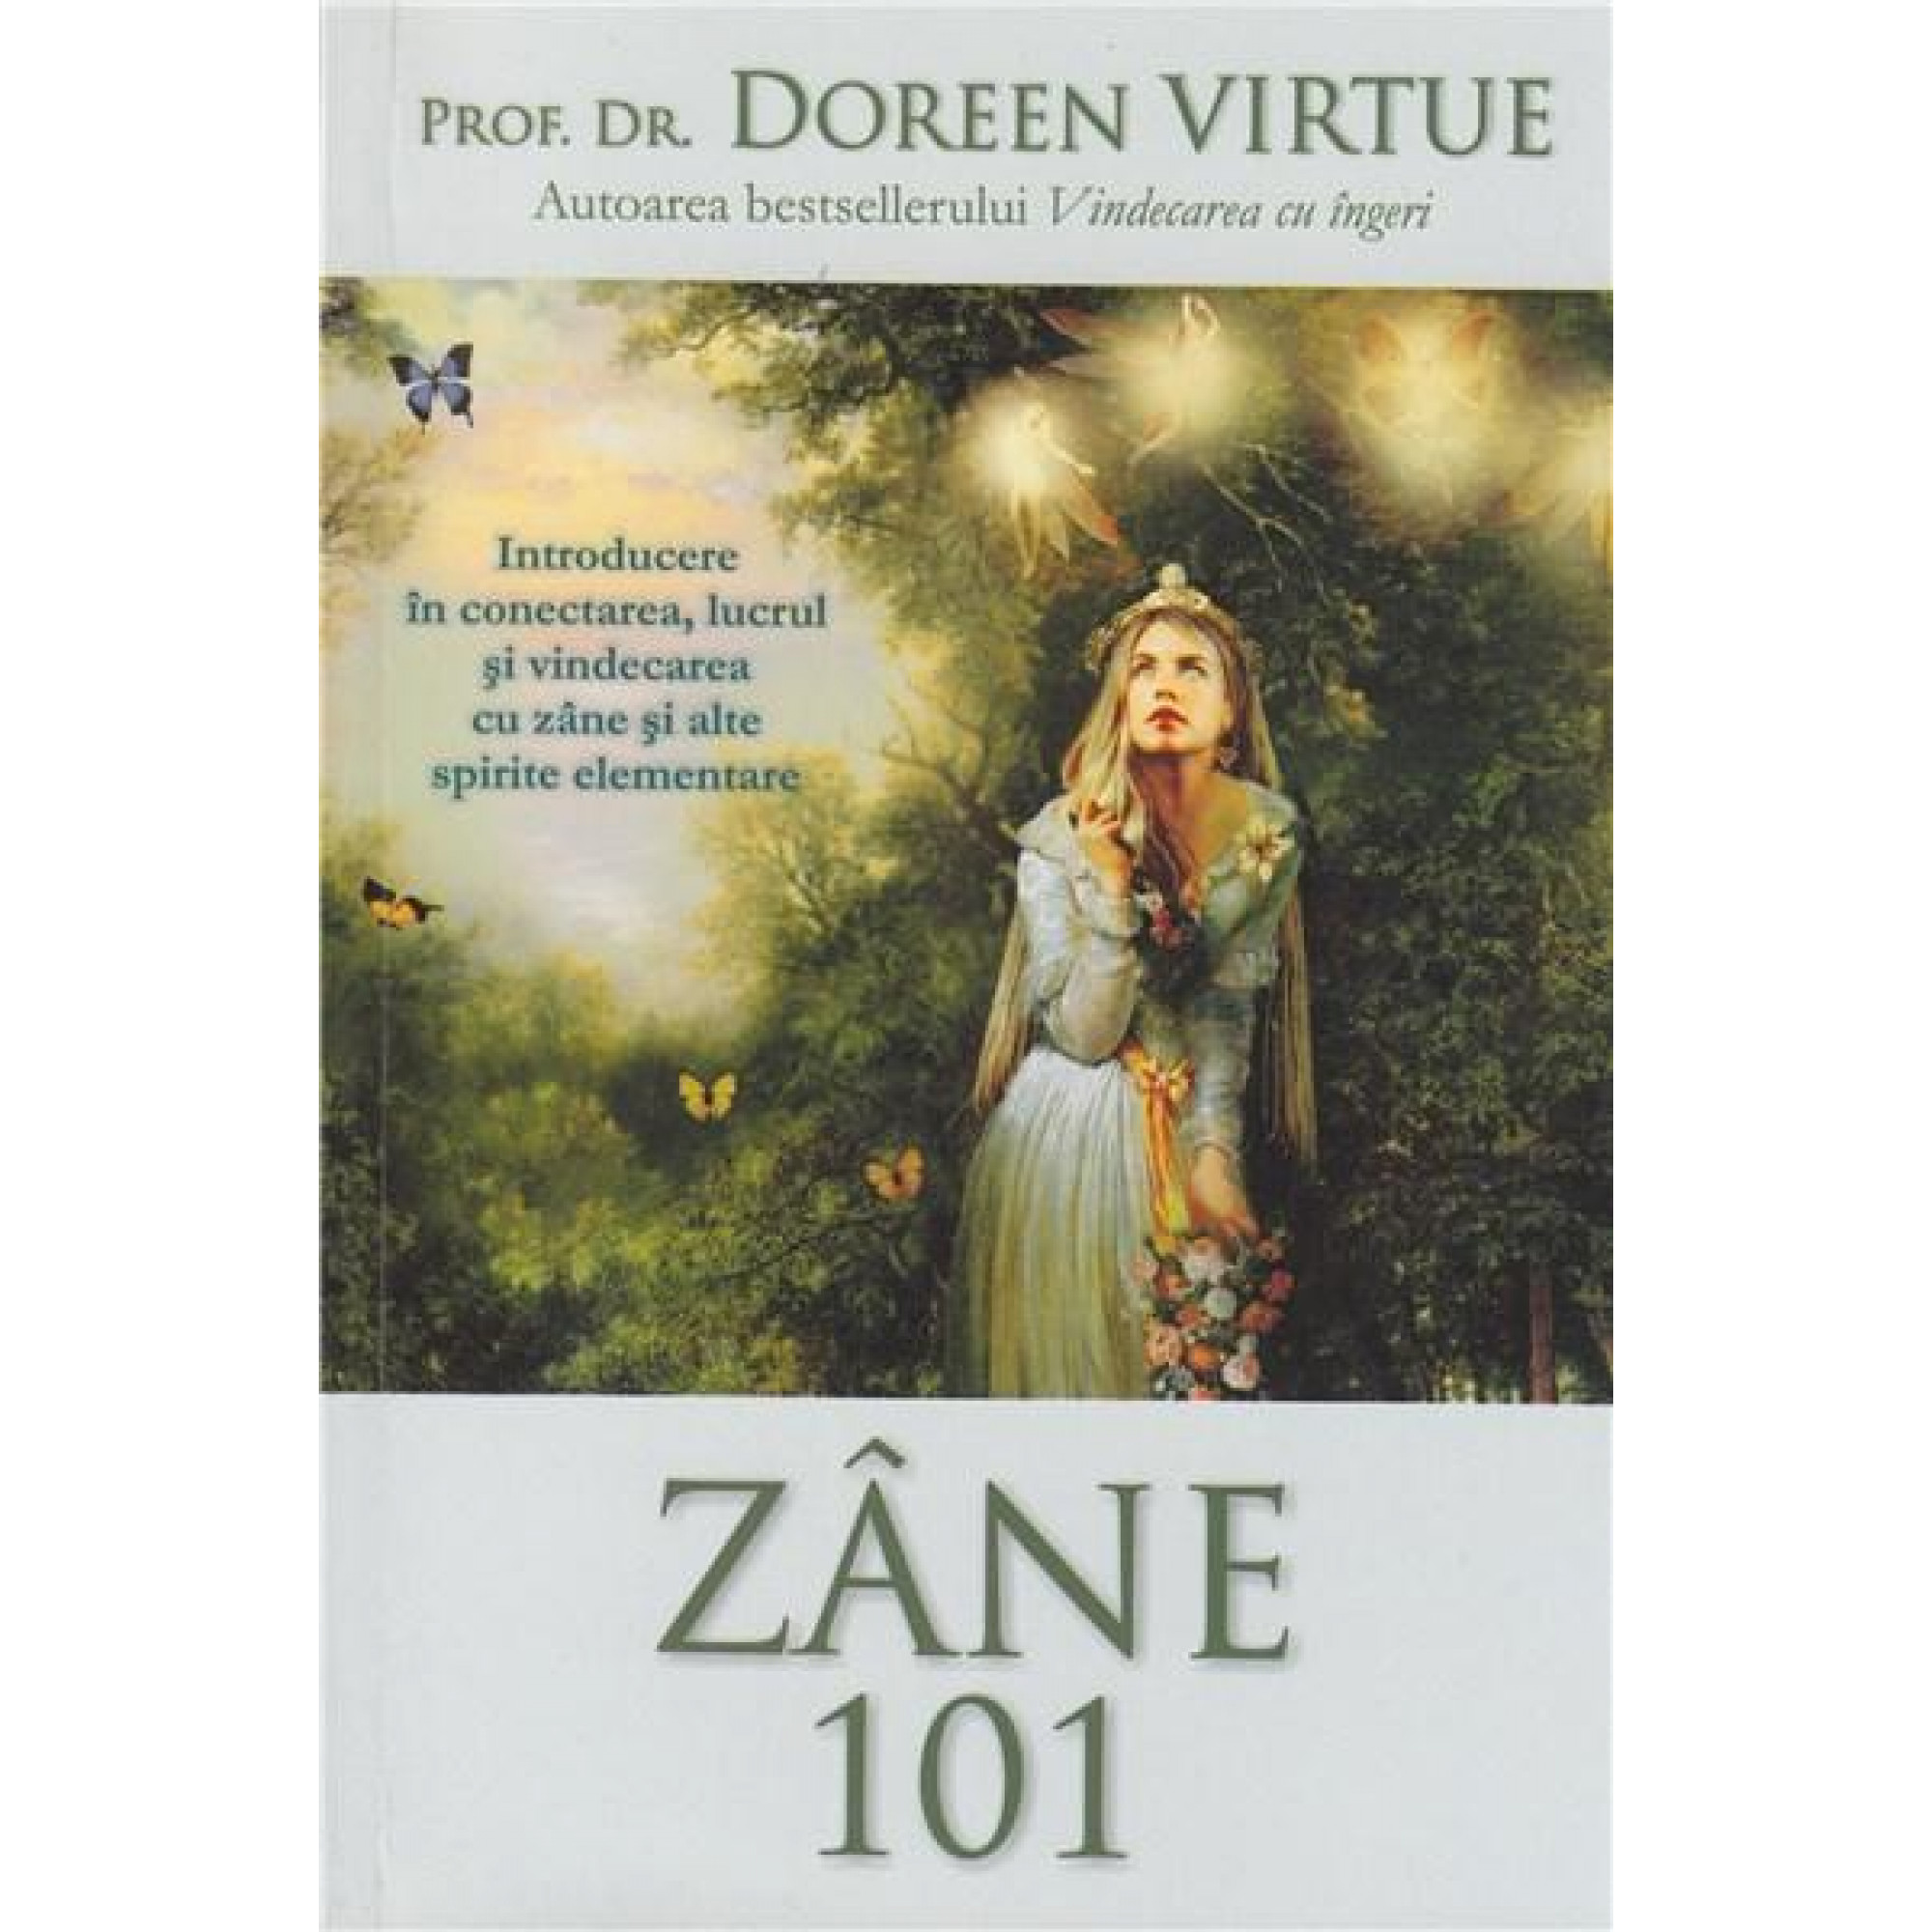 Zâne 101. Introducere în conectarea, lucrul şi vindecarea cu zâne şi alte spirite elementare